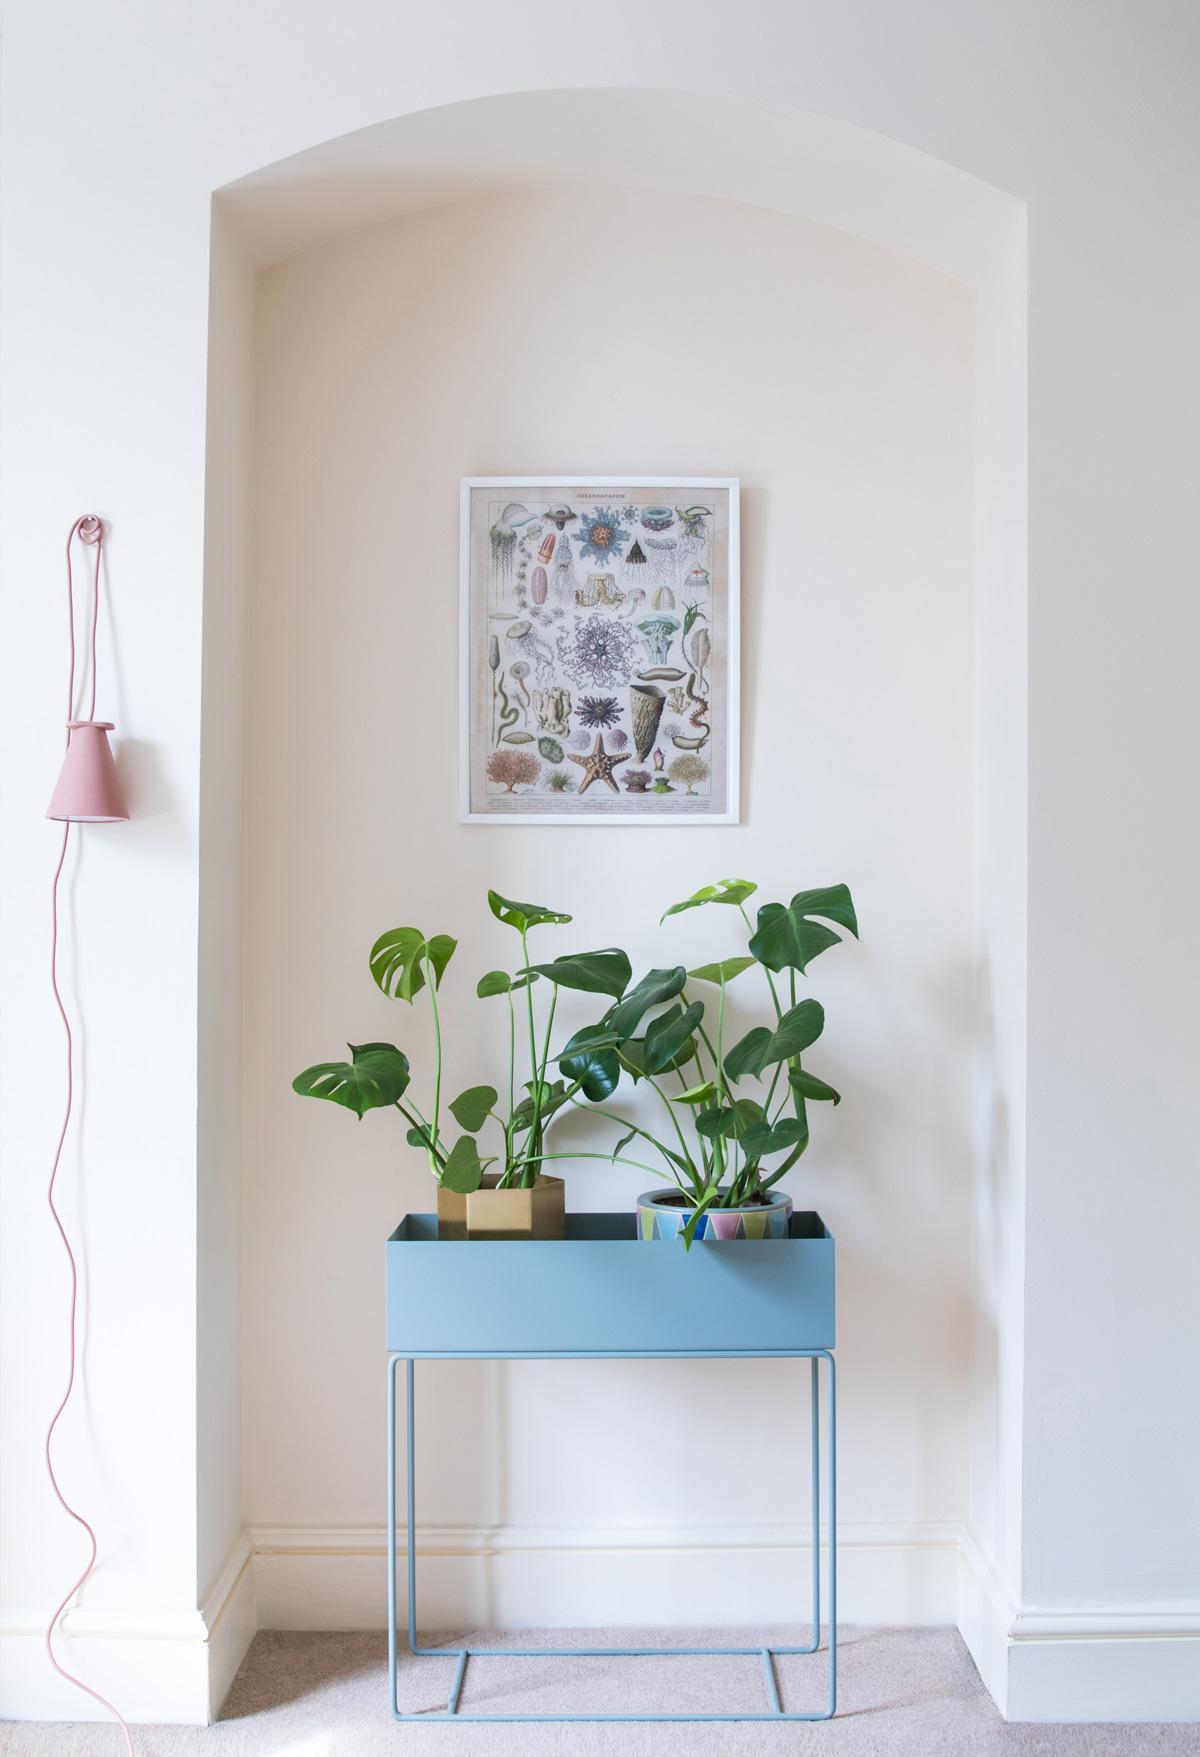 Nestcouk-Top-Design-Picks-Ferm-Living-Planter.jpg